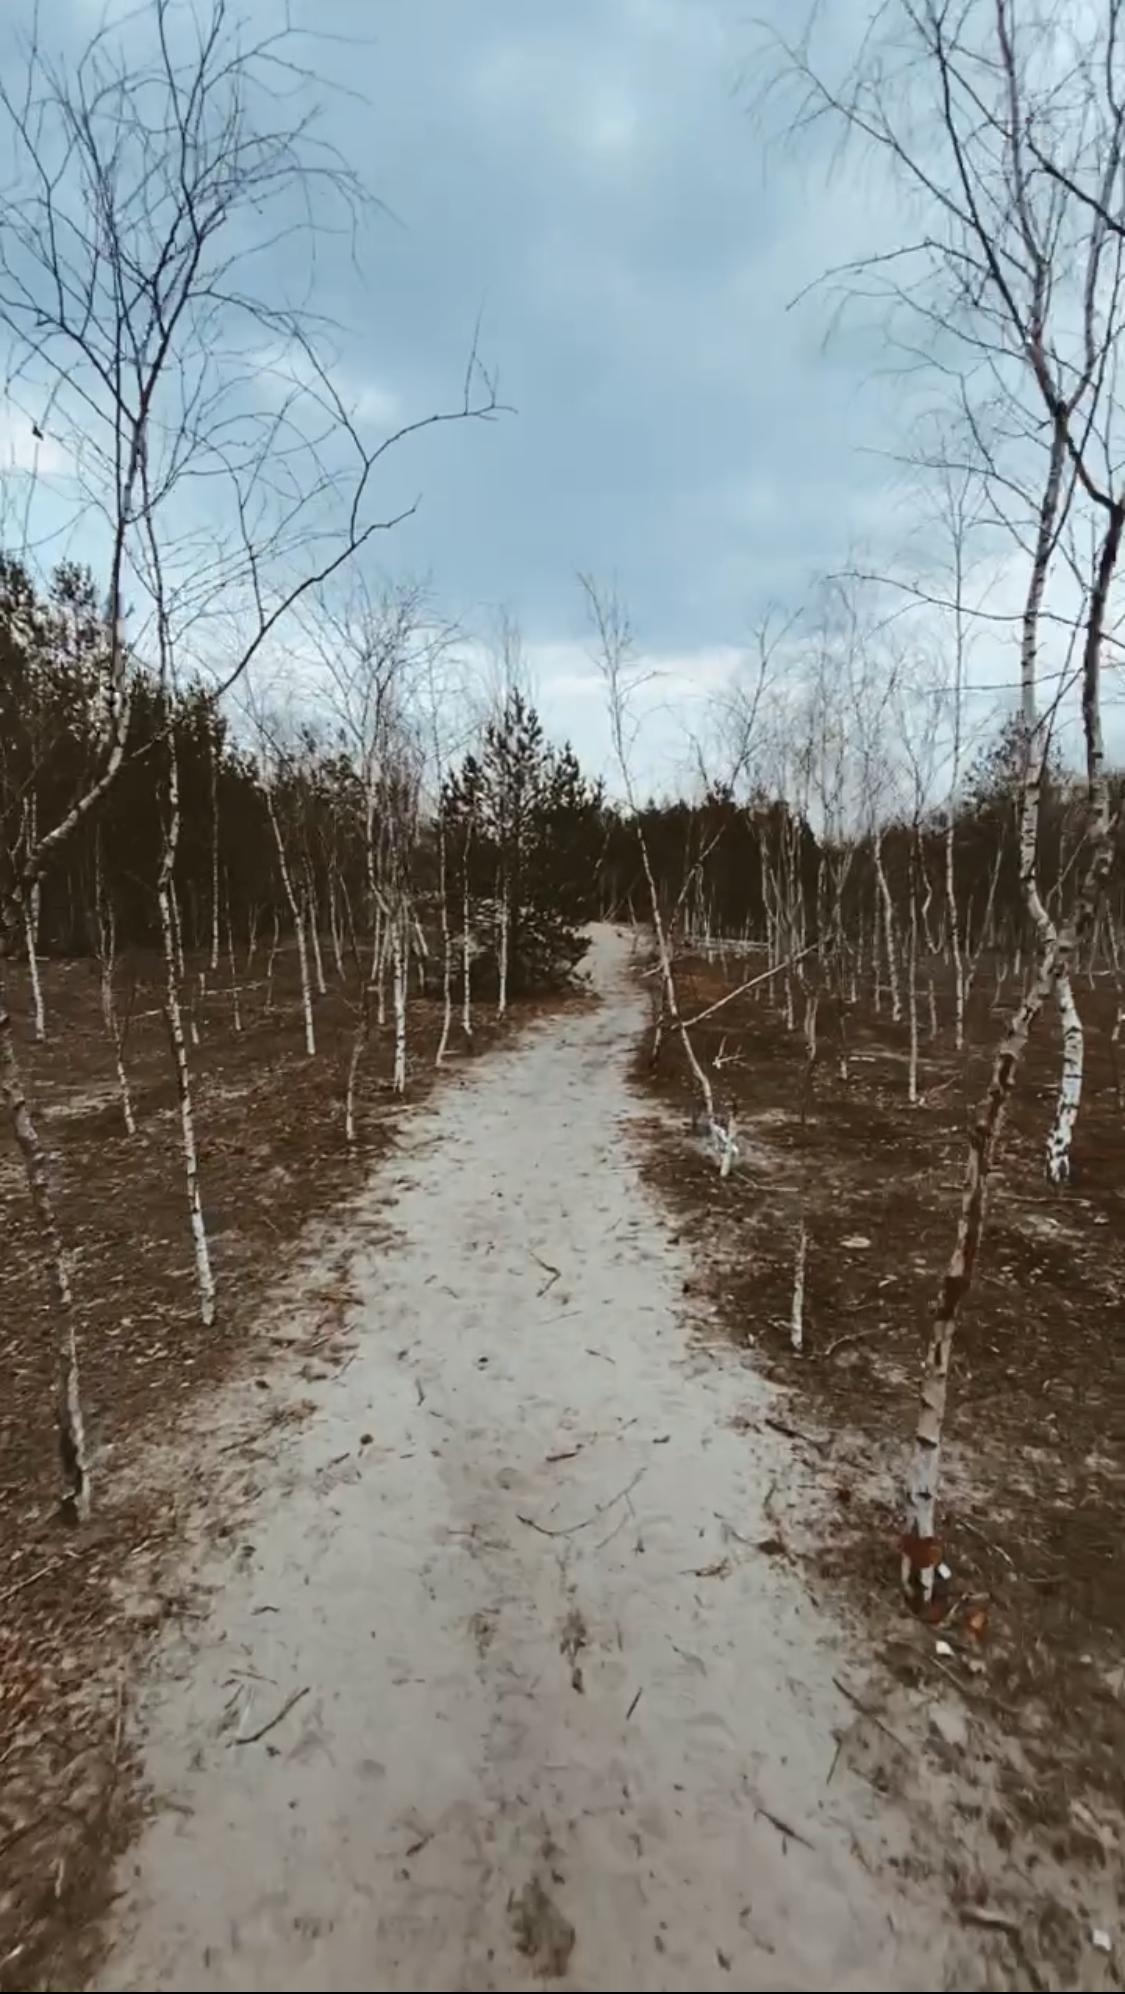 góry chobockie brzozowy lasek na jeden dzień z warszawy wypad na weekend ciekawe miejsce na mazowszu nietypowe